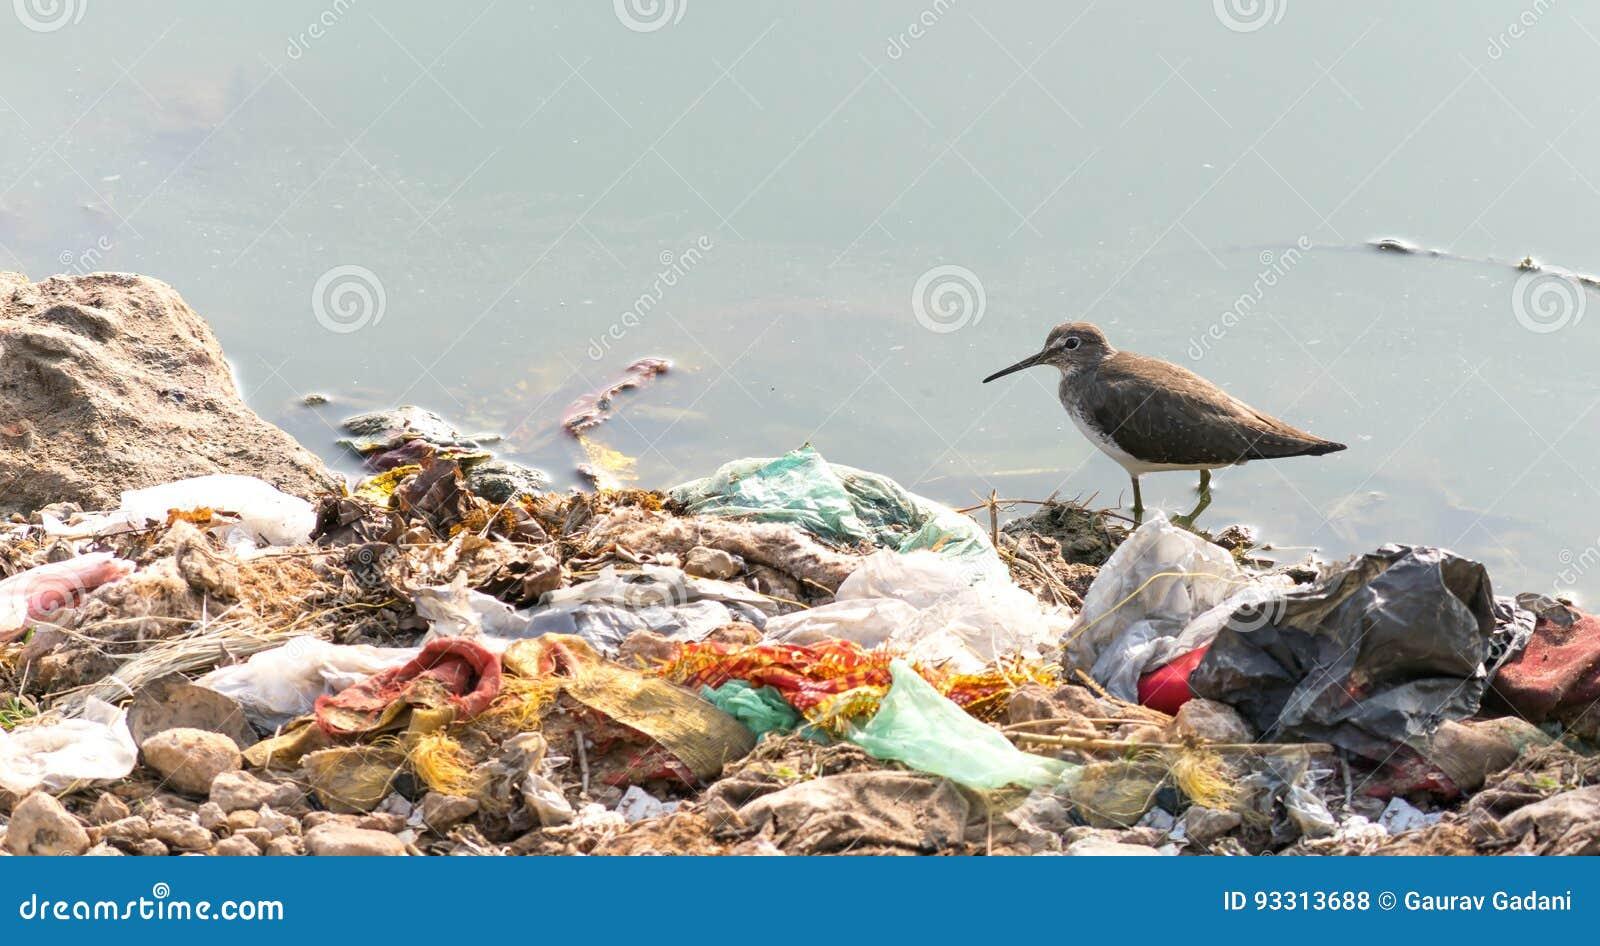 Langer berechneter Dowitcher, der kämpft, um wegen der Verschmutzung zu überleben